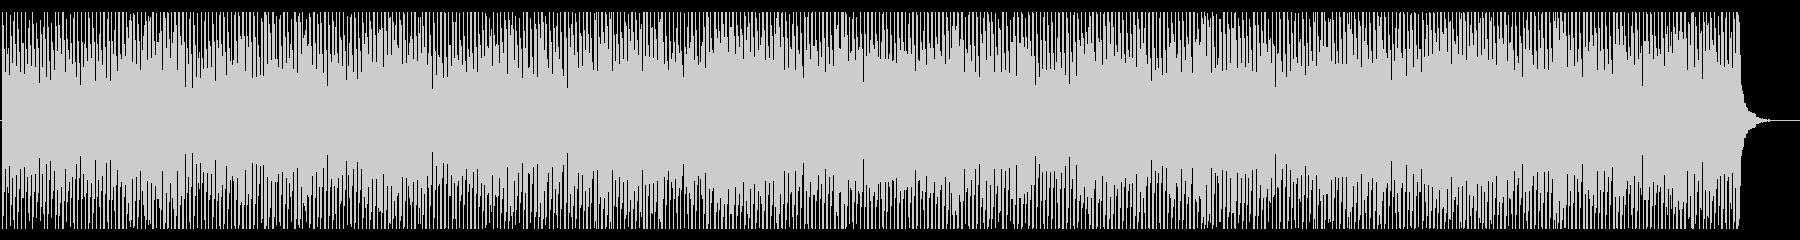 ロック・ピアノ・キラキラ・アップテンポの未再生の波形